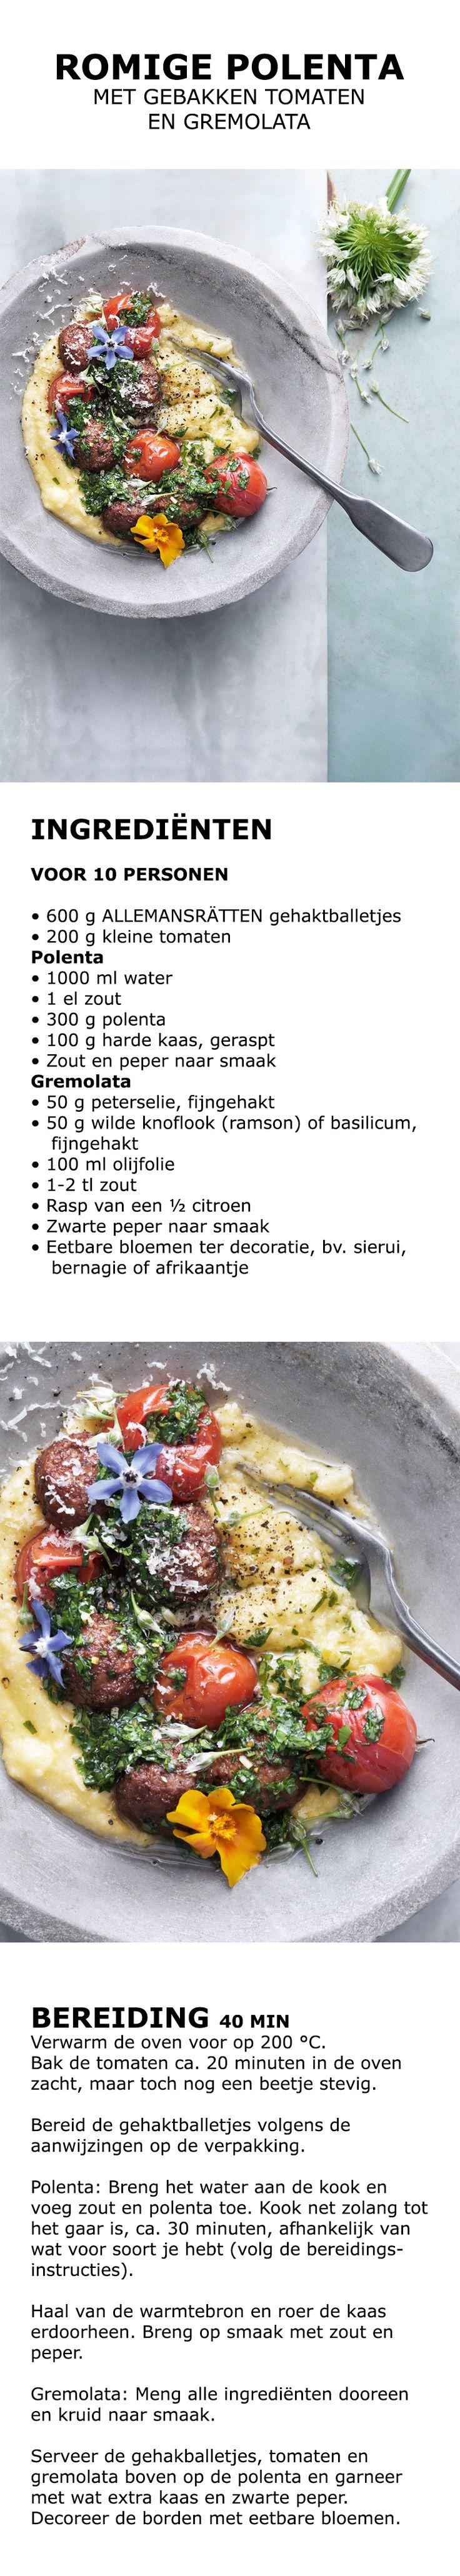 Inspiratie voor de feestdagen - Romige polenta met gebakken tomaten en gremolata | IKEA IKEAnederland koken keuken recept herfst winter kerst diner lunch witte wijn citroen eetbare bloemen